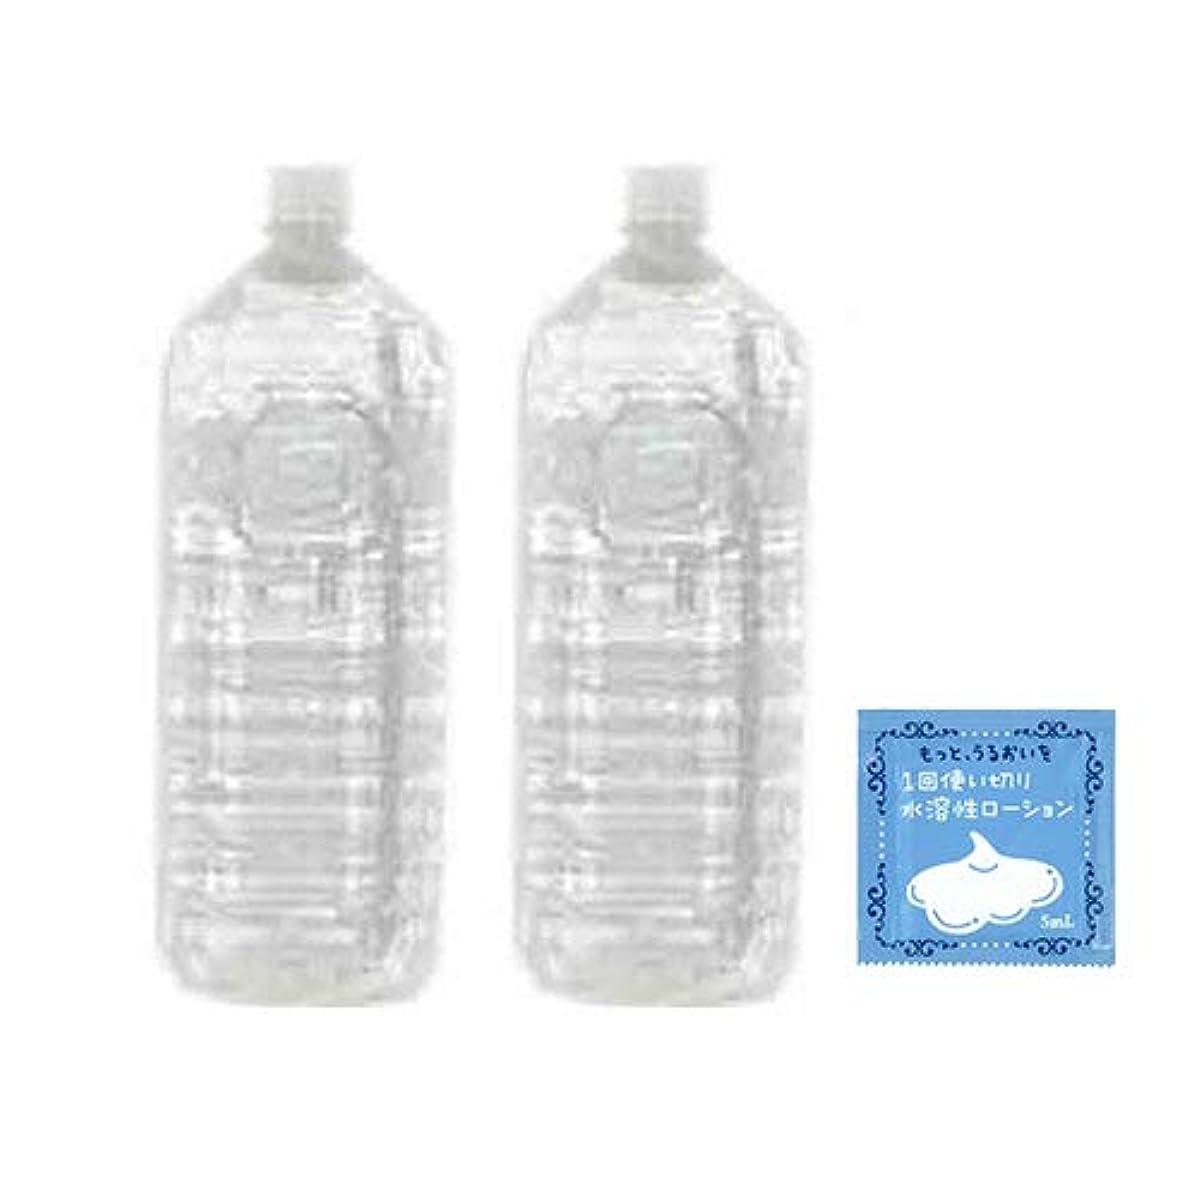 十咲く任命クリアローション 2Lペットボトル ハードタイプ(5倍濃縮原液) × 2本セット + 1回使い切り水溶性潤滑ローション